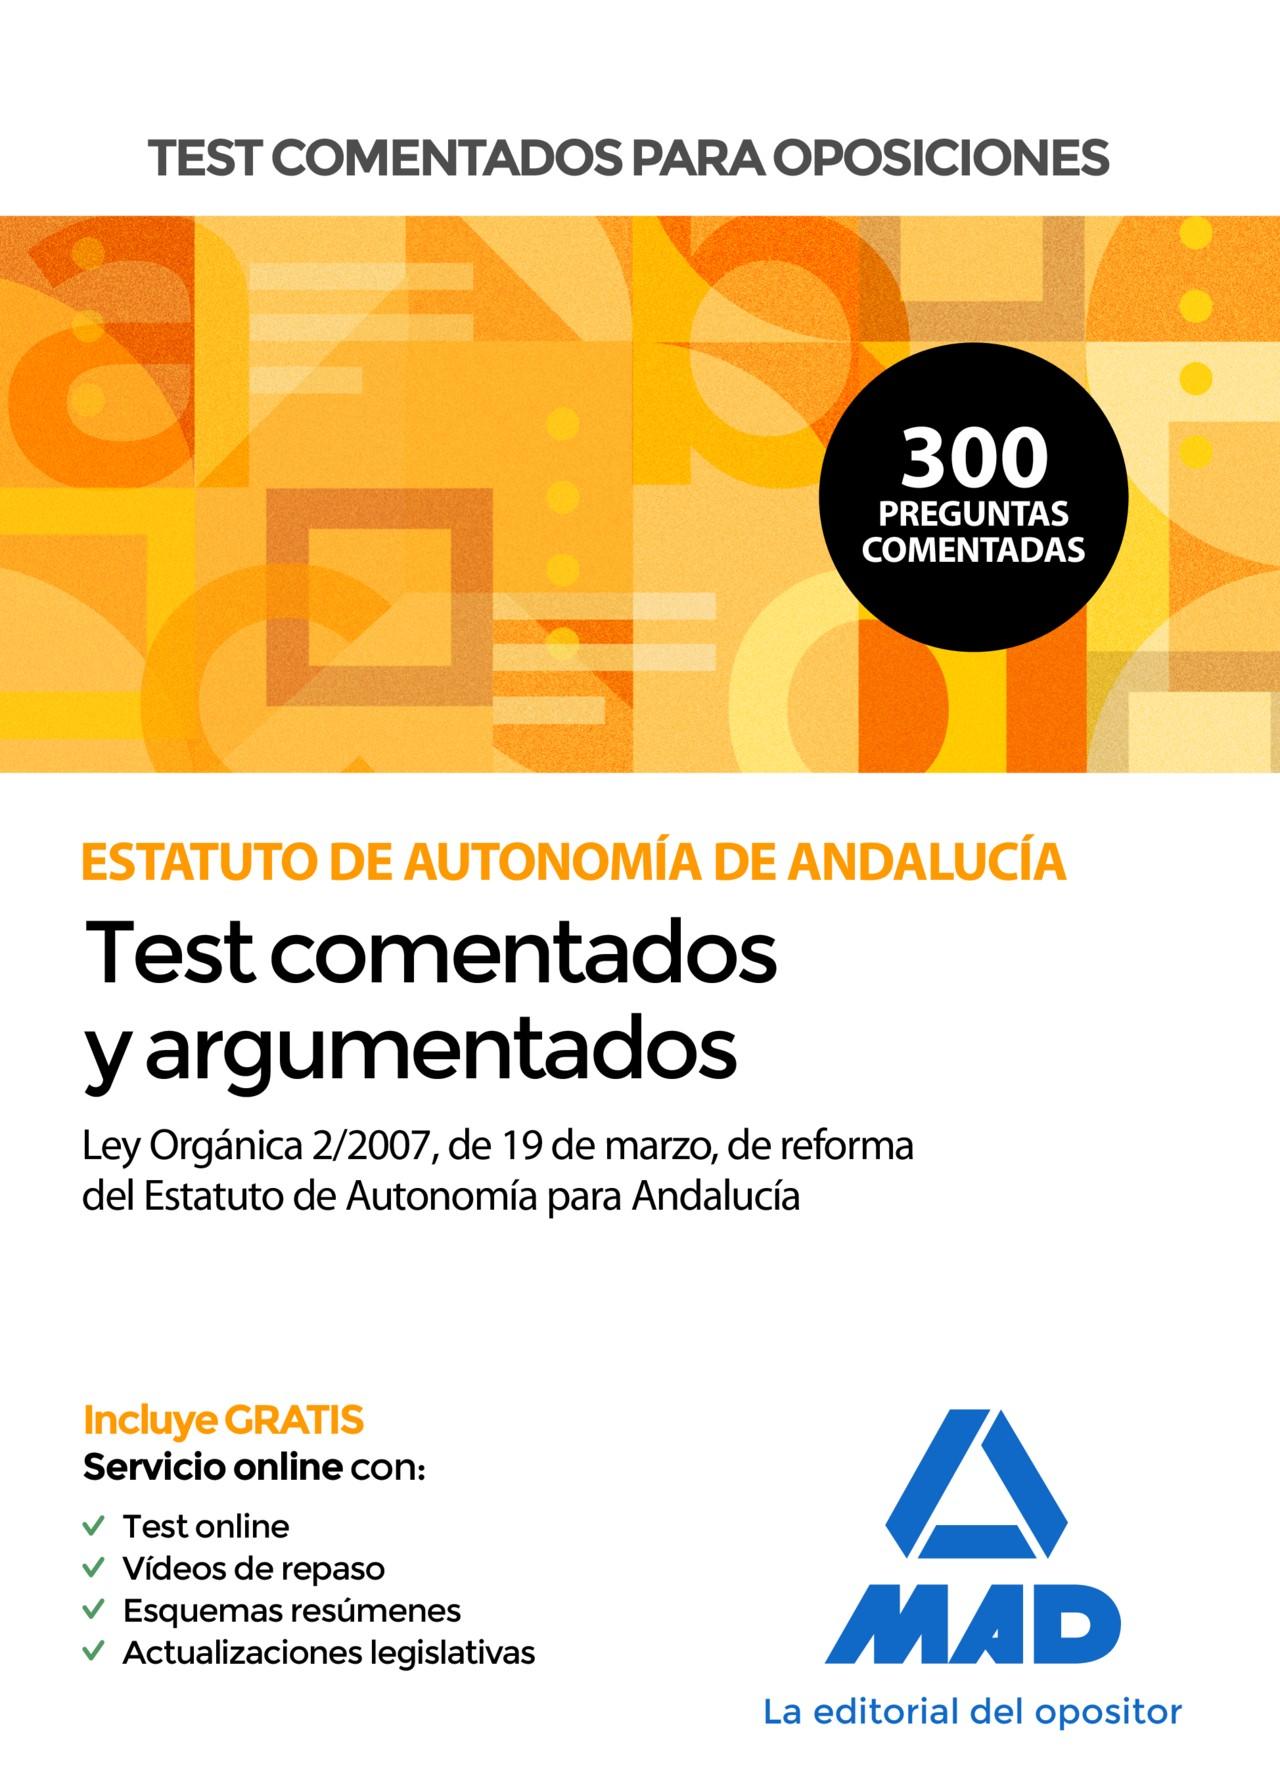 Test comentados para oposiciones del Estatuto de Autonomía de Andalucía